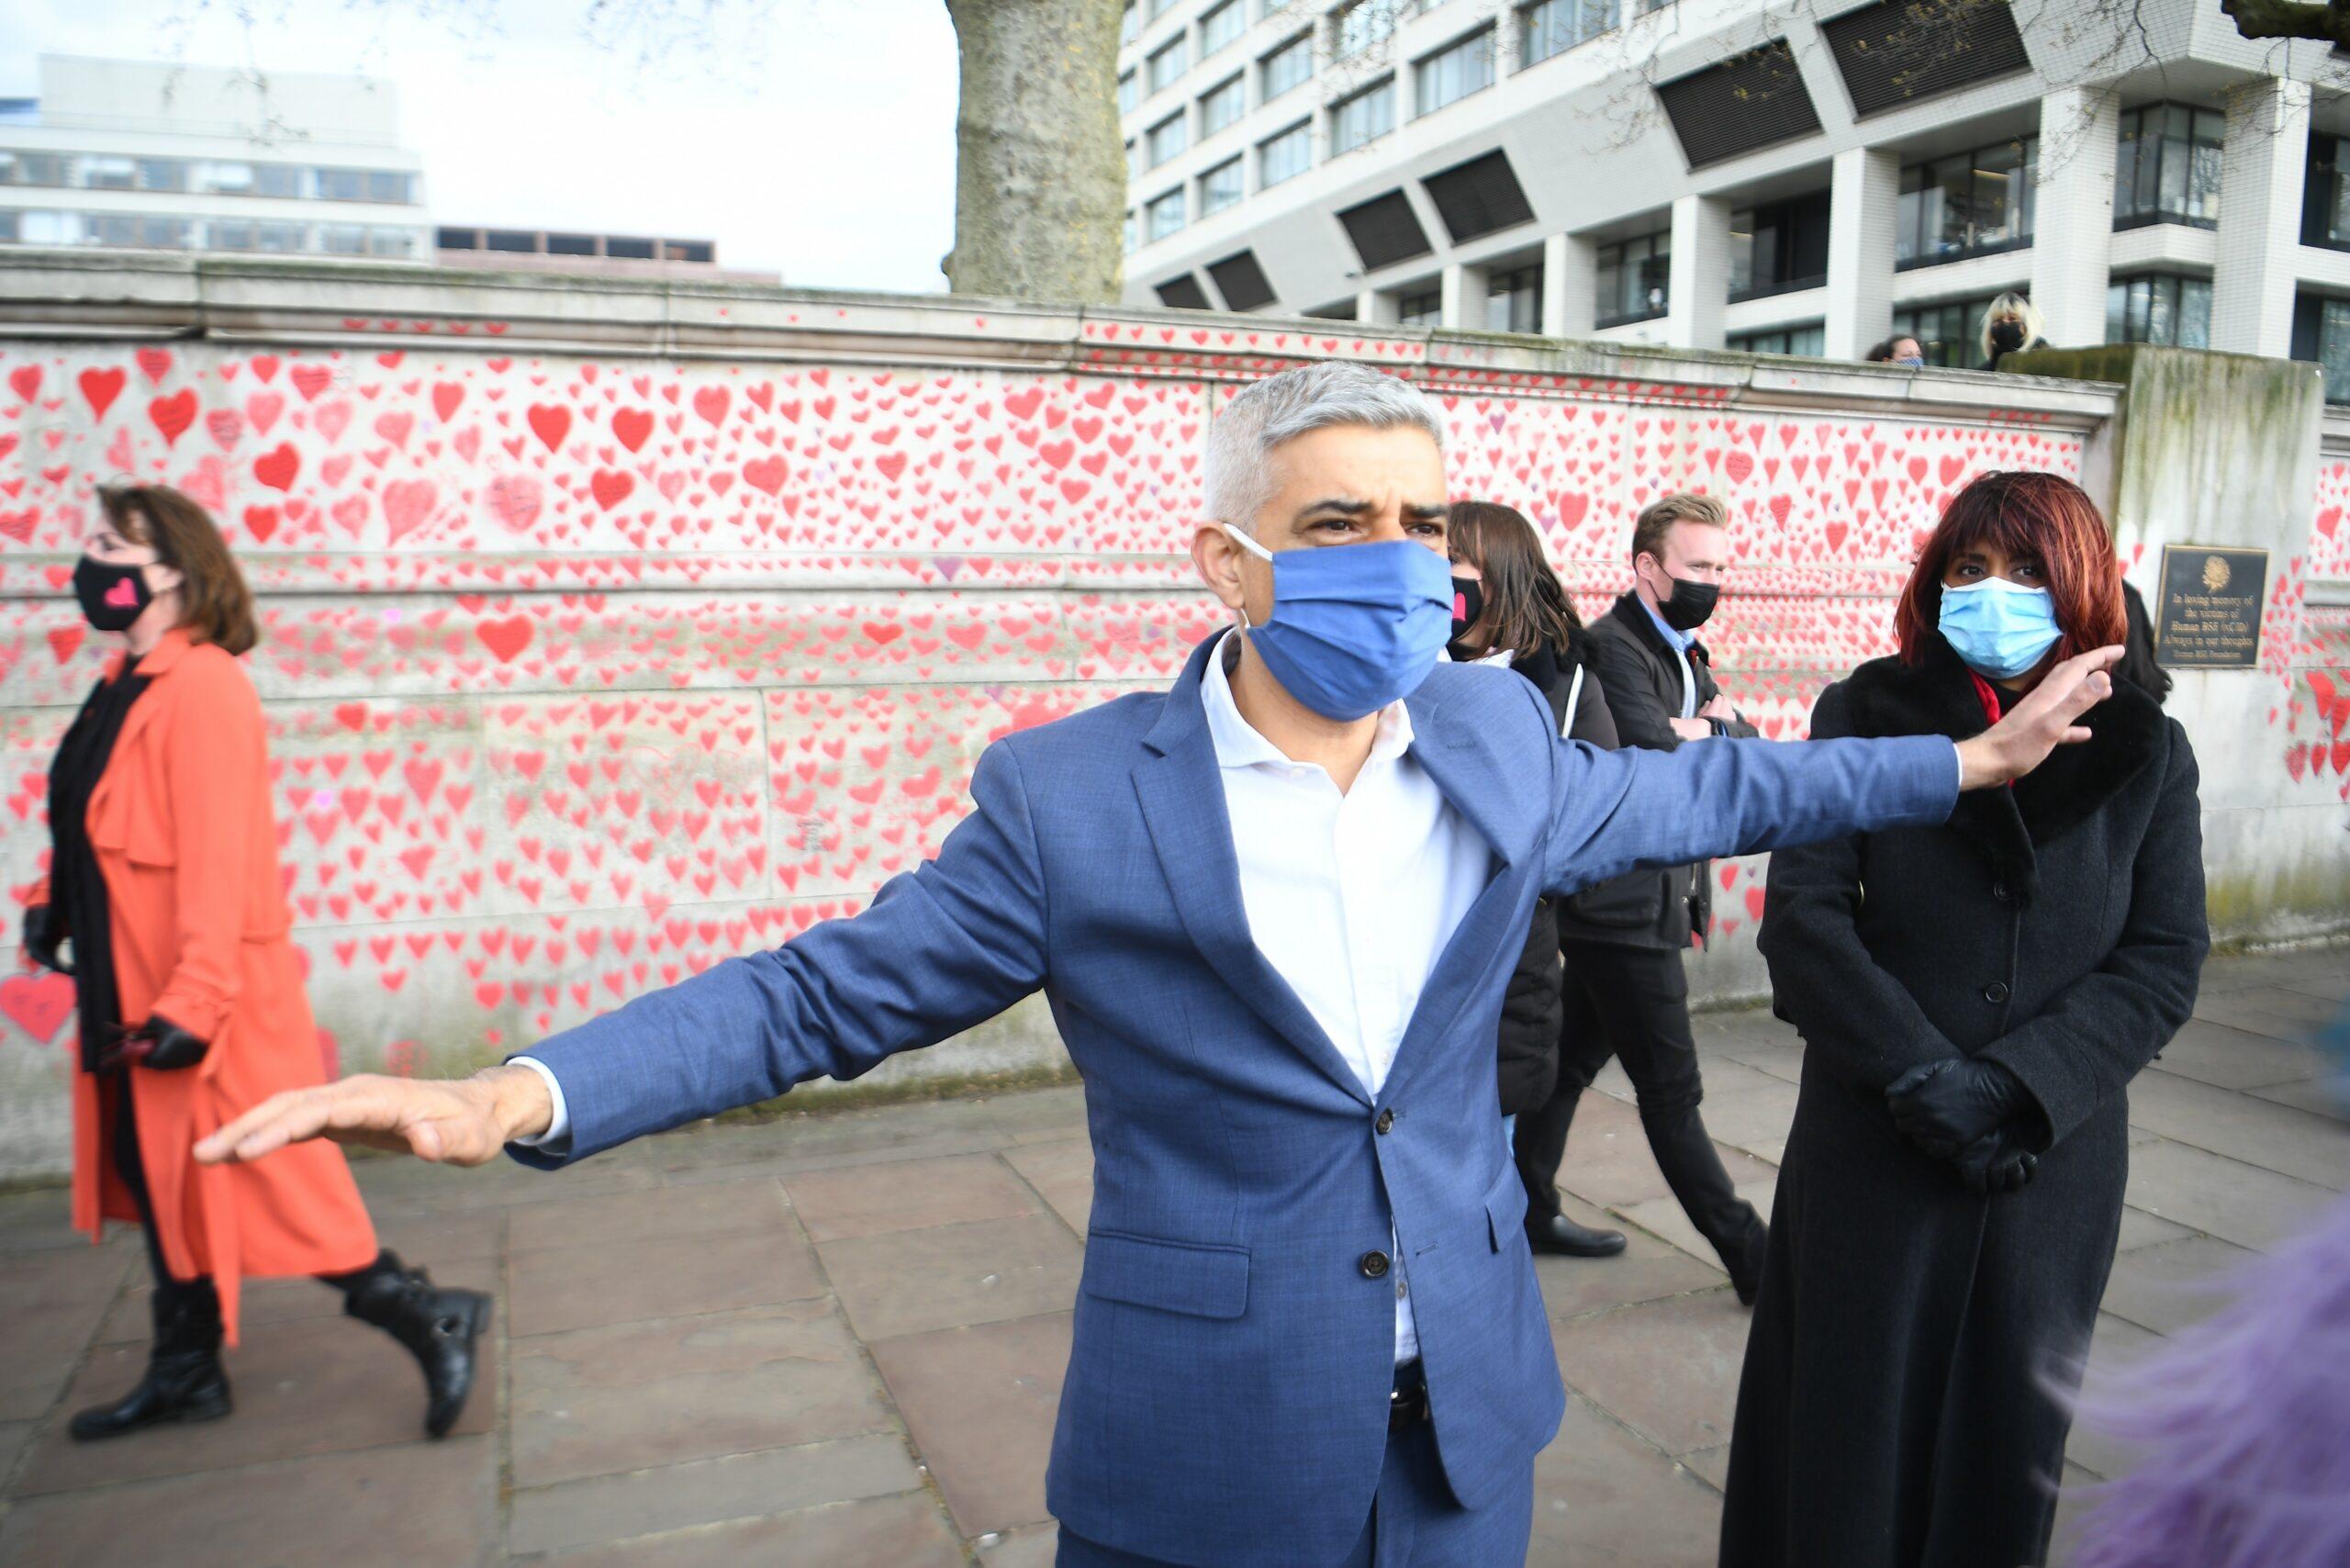 L'alcalde de Londres, Sadiq Khan, visita el memorial per les víctimes de la Covid-19 / EP